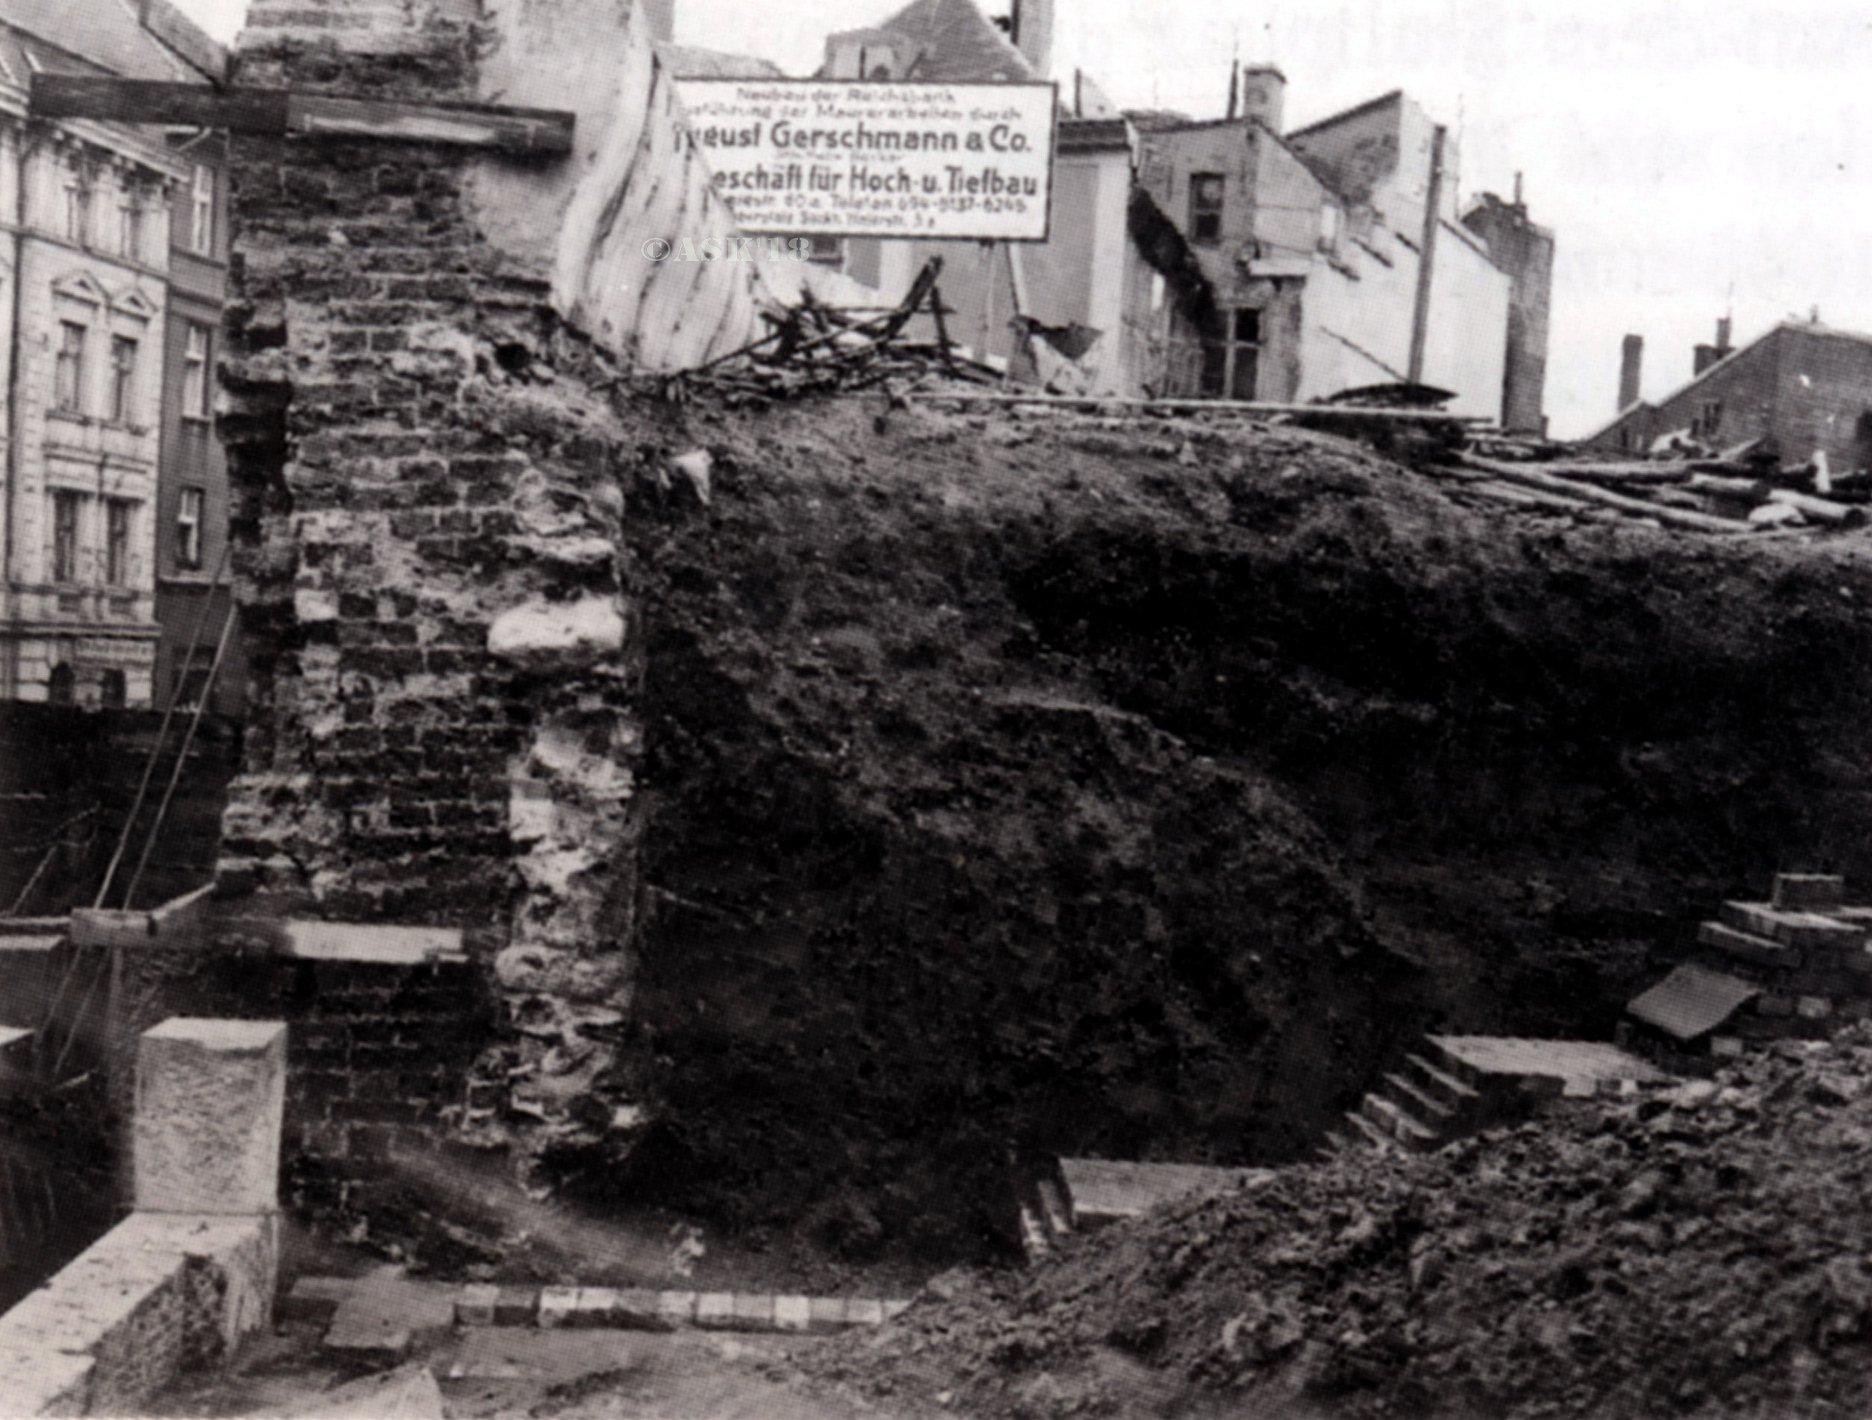 1926 – снесены конюшни и кавалерийские казармы, располагавшиеся на месте старого замка